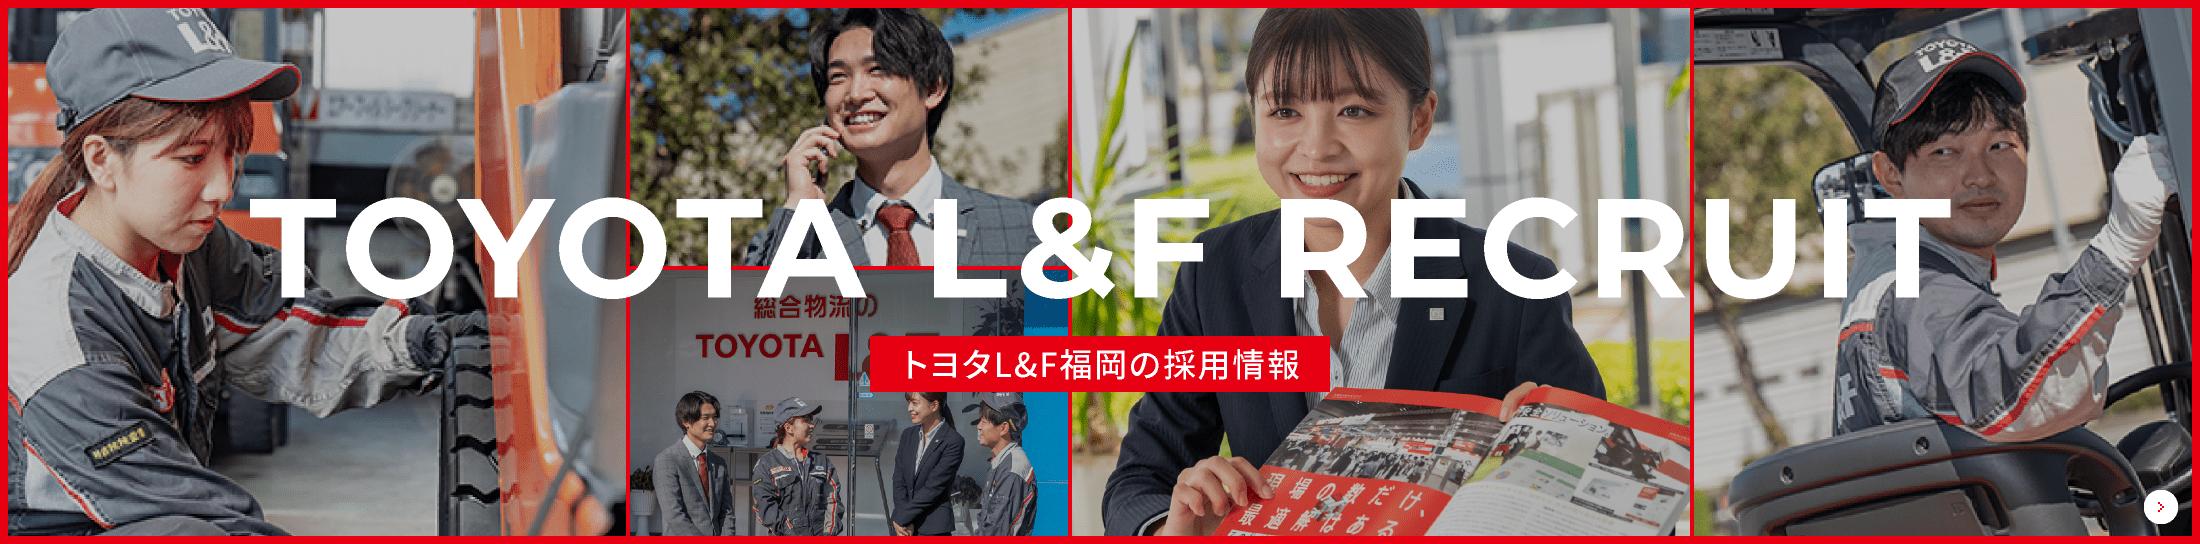 TOYOTA L&F       recruit トヨタL&F福岡の採用情報